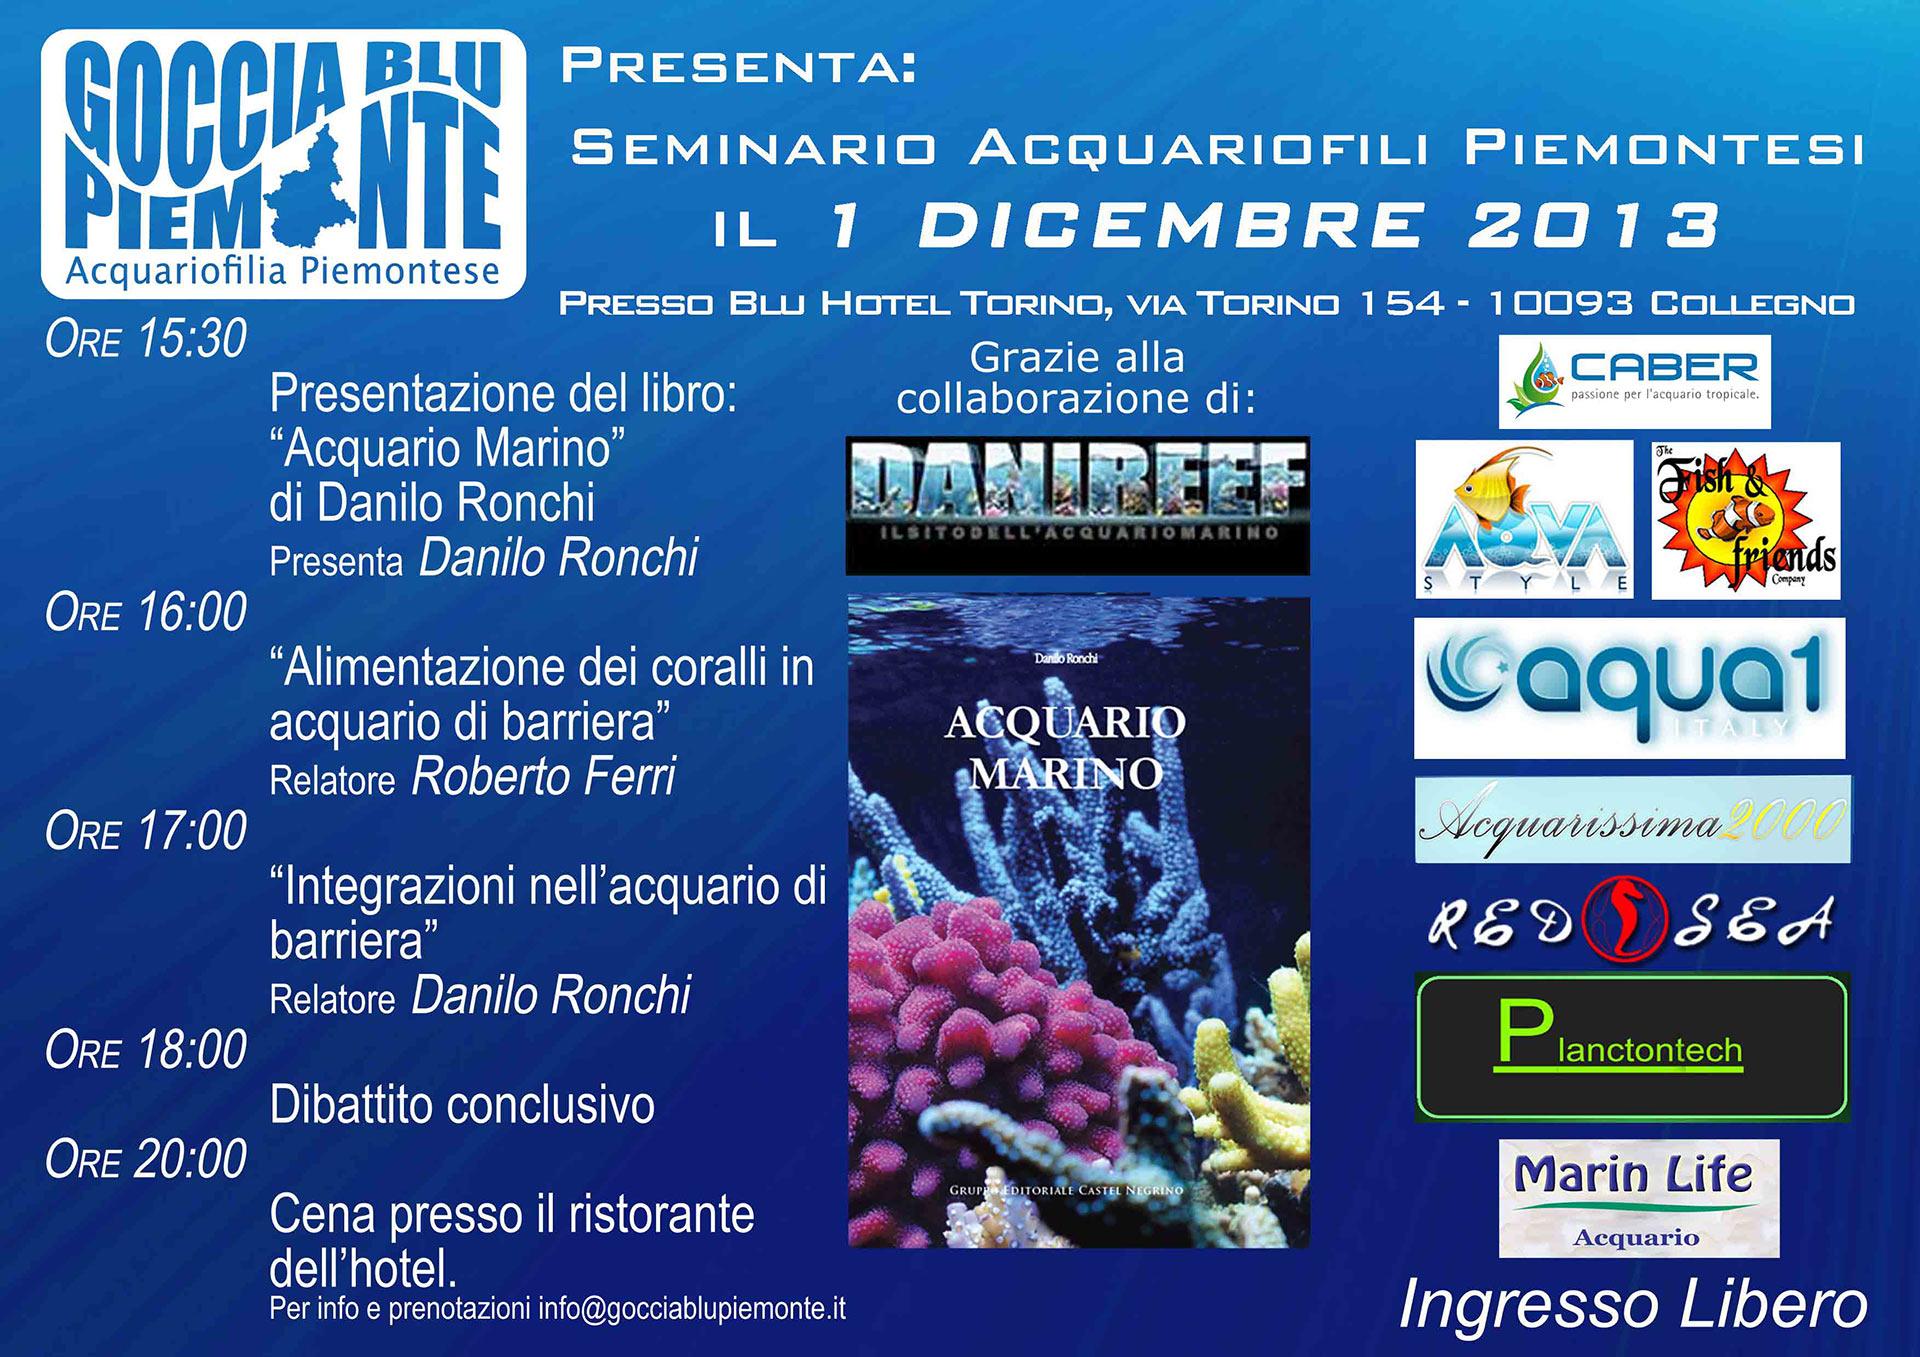 seminario acquariofili piemontesi a torino presentazione libro acquario marino